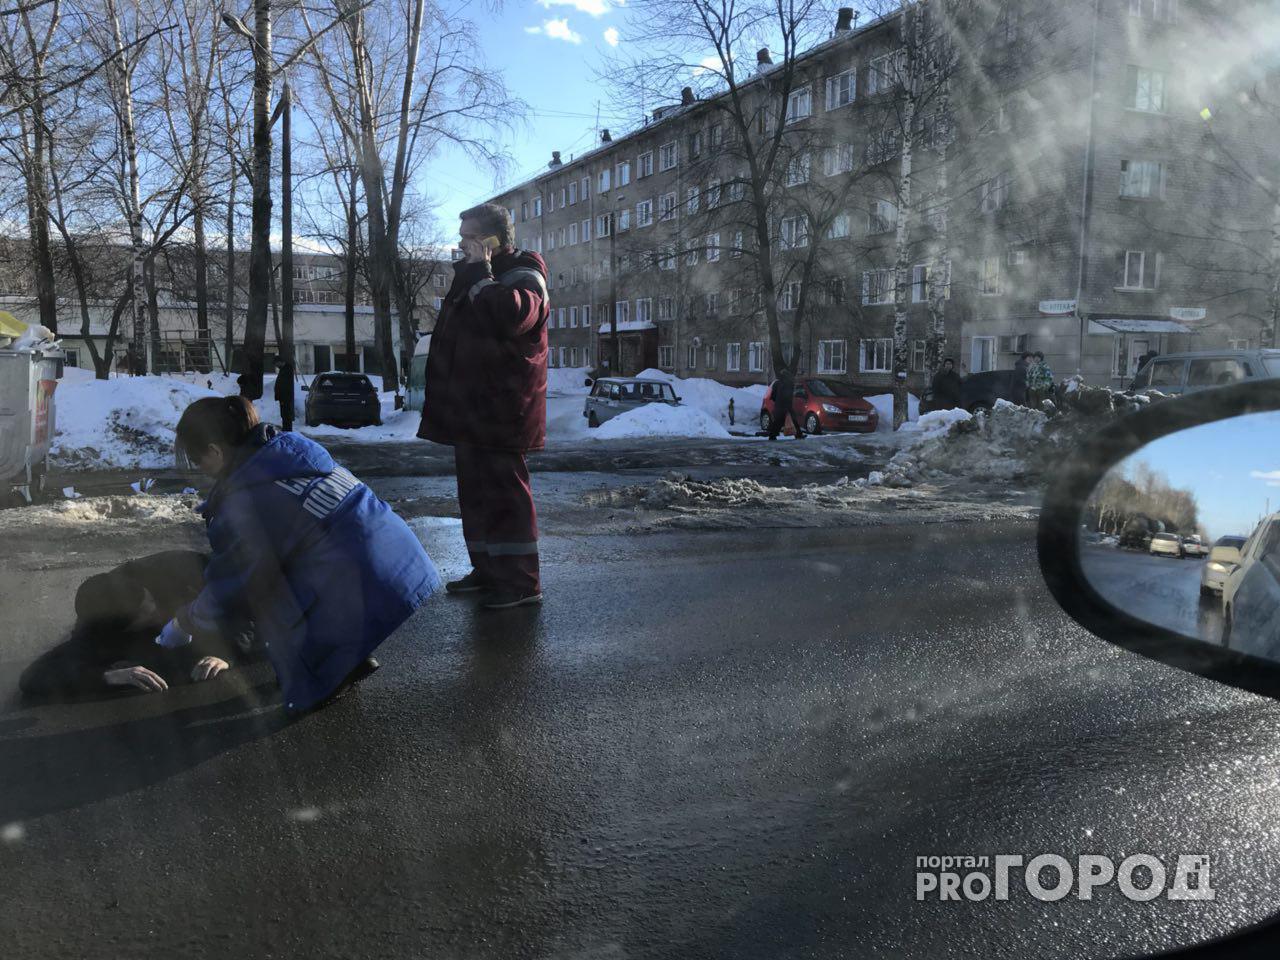 Очевидцы: «В Чепецке пьяный мужчина напал на пенсионера на глазах детей»